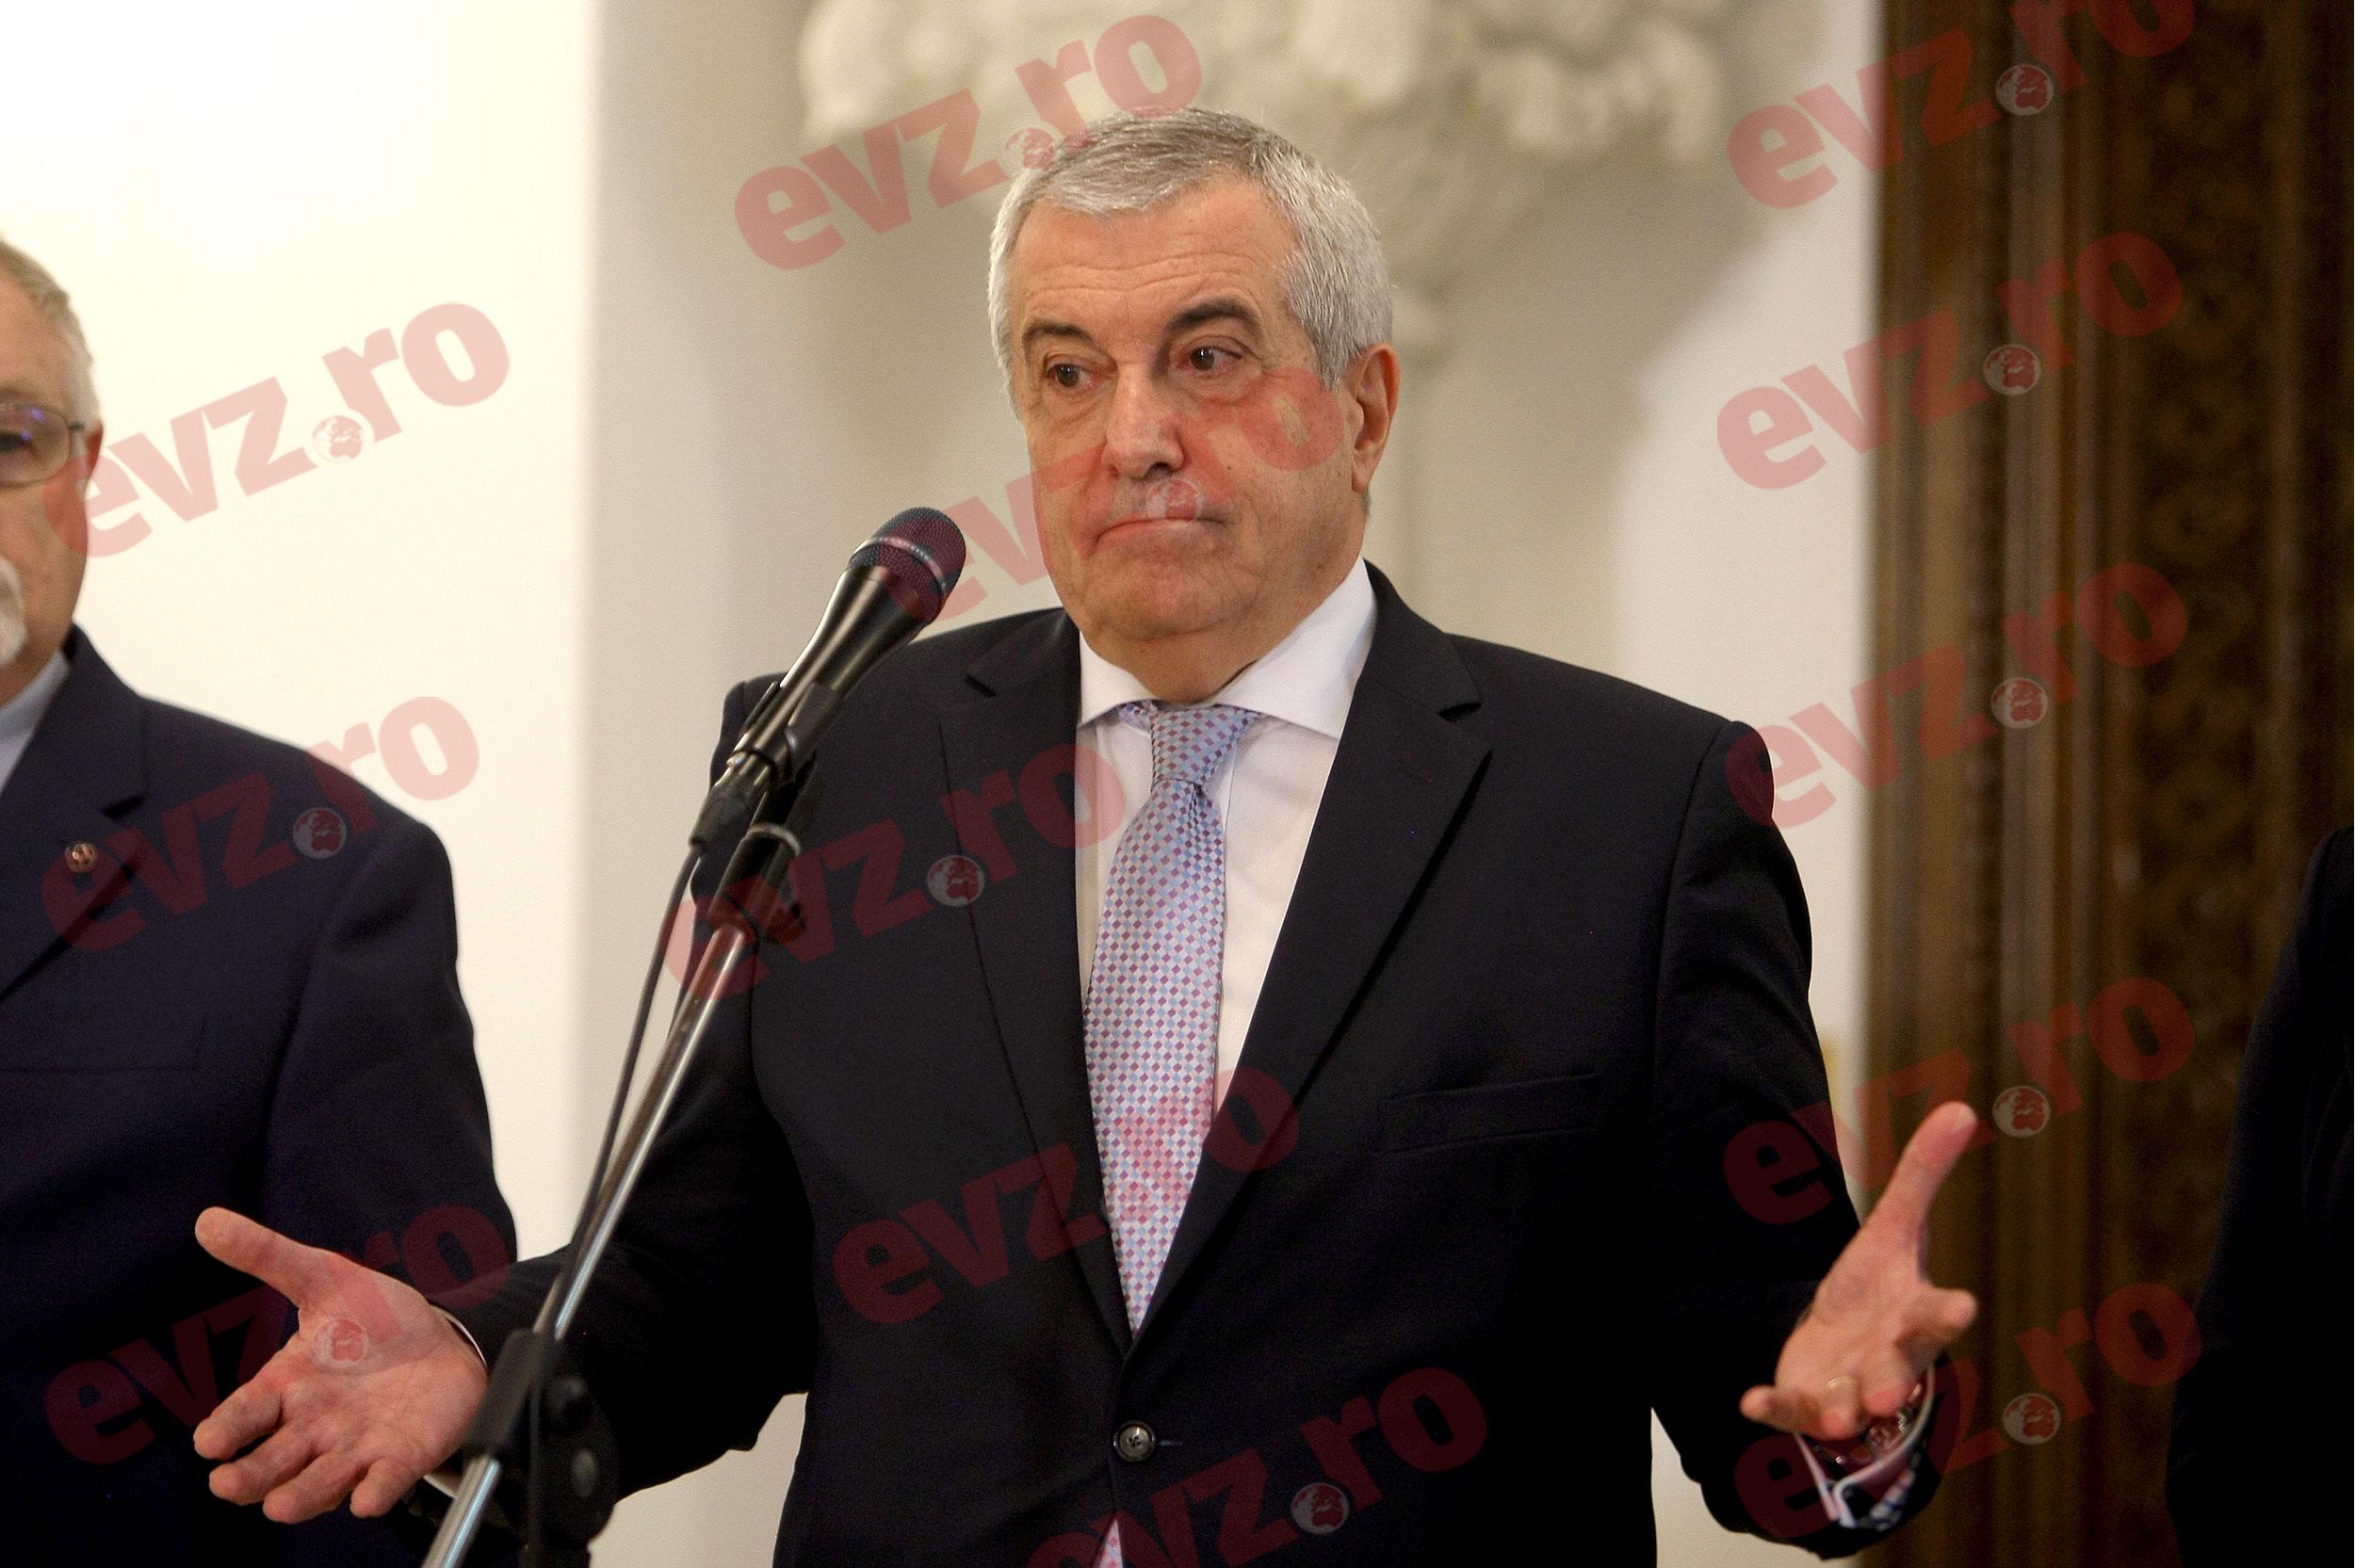 ZI de foc pentru Guvernul Orban 2! Tăriceanu ar putea schimba soarta PNL (SURSE)